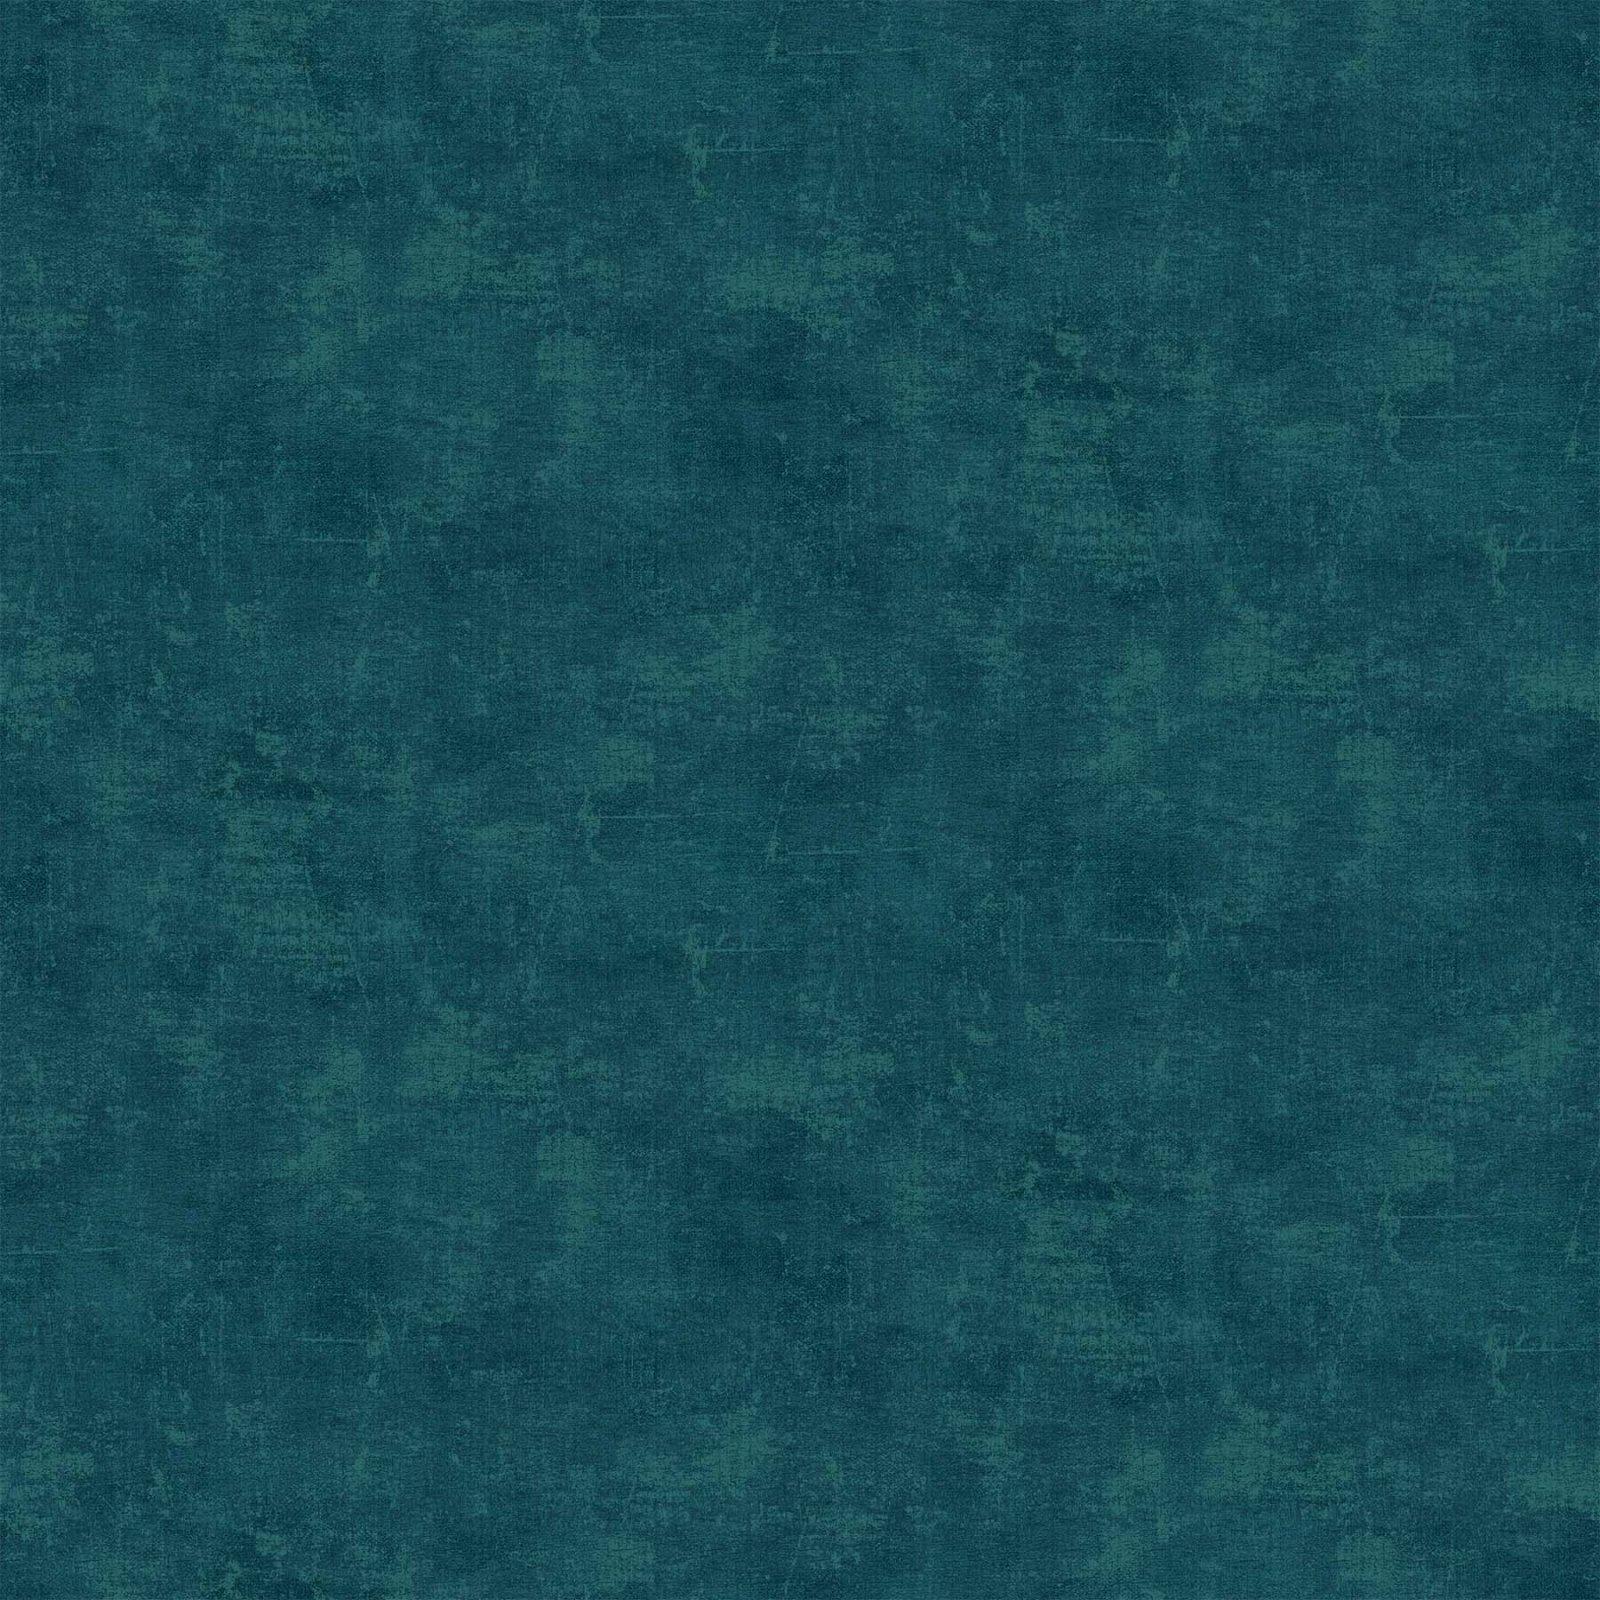 Canvas Peacock